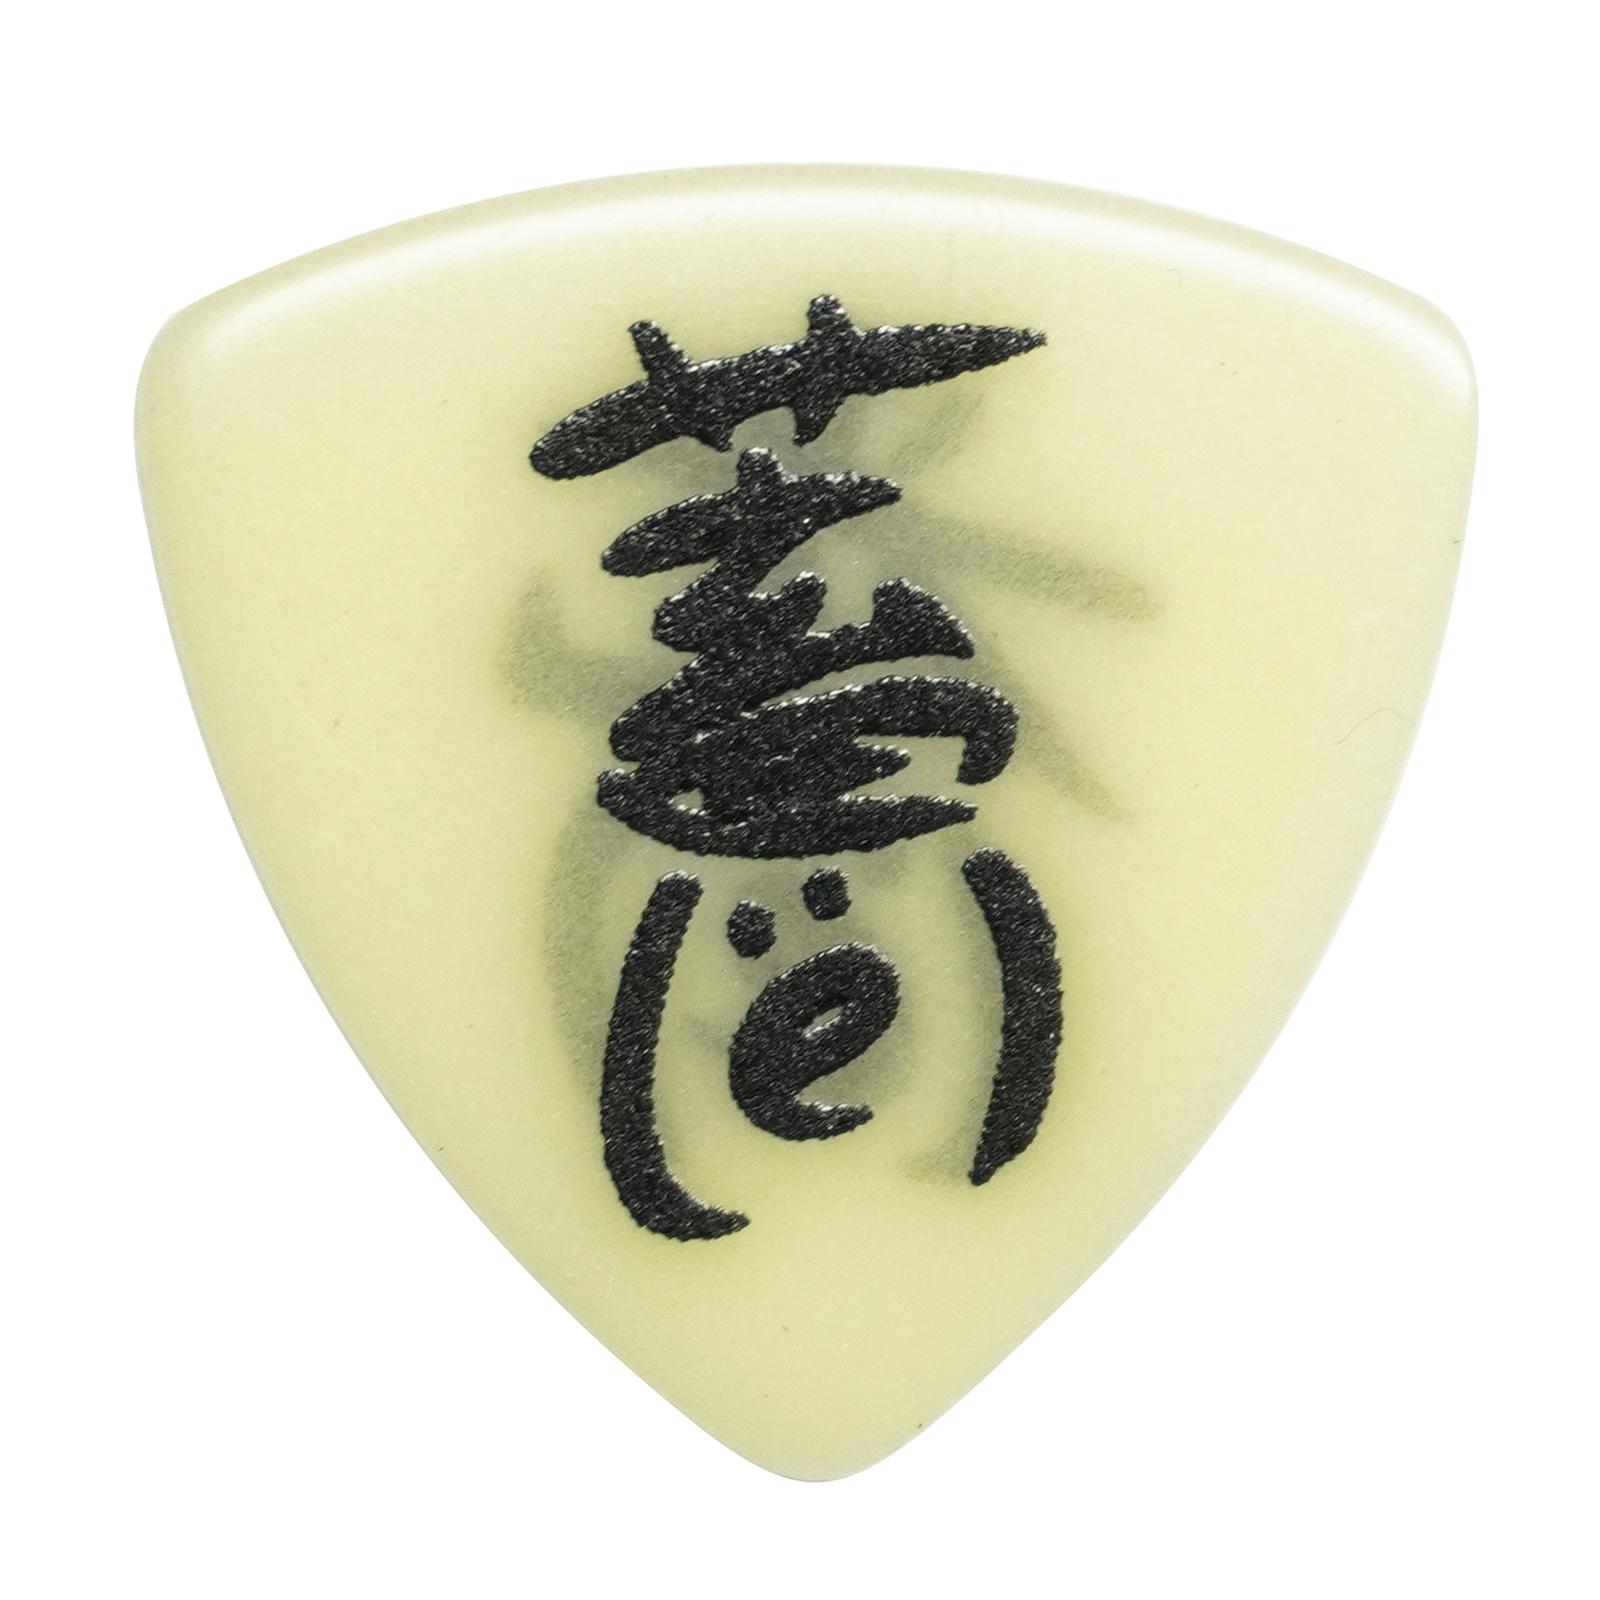 【リニューアル】Sago(サゴ) ギターピック キュウソネコカミ ヤマサキ セイヤ シグネチャーピック サンド仕上げ蓄光1.0mm 5枚セット